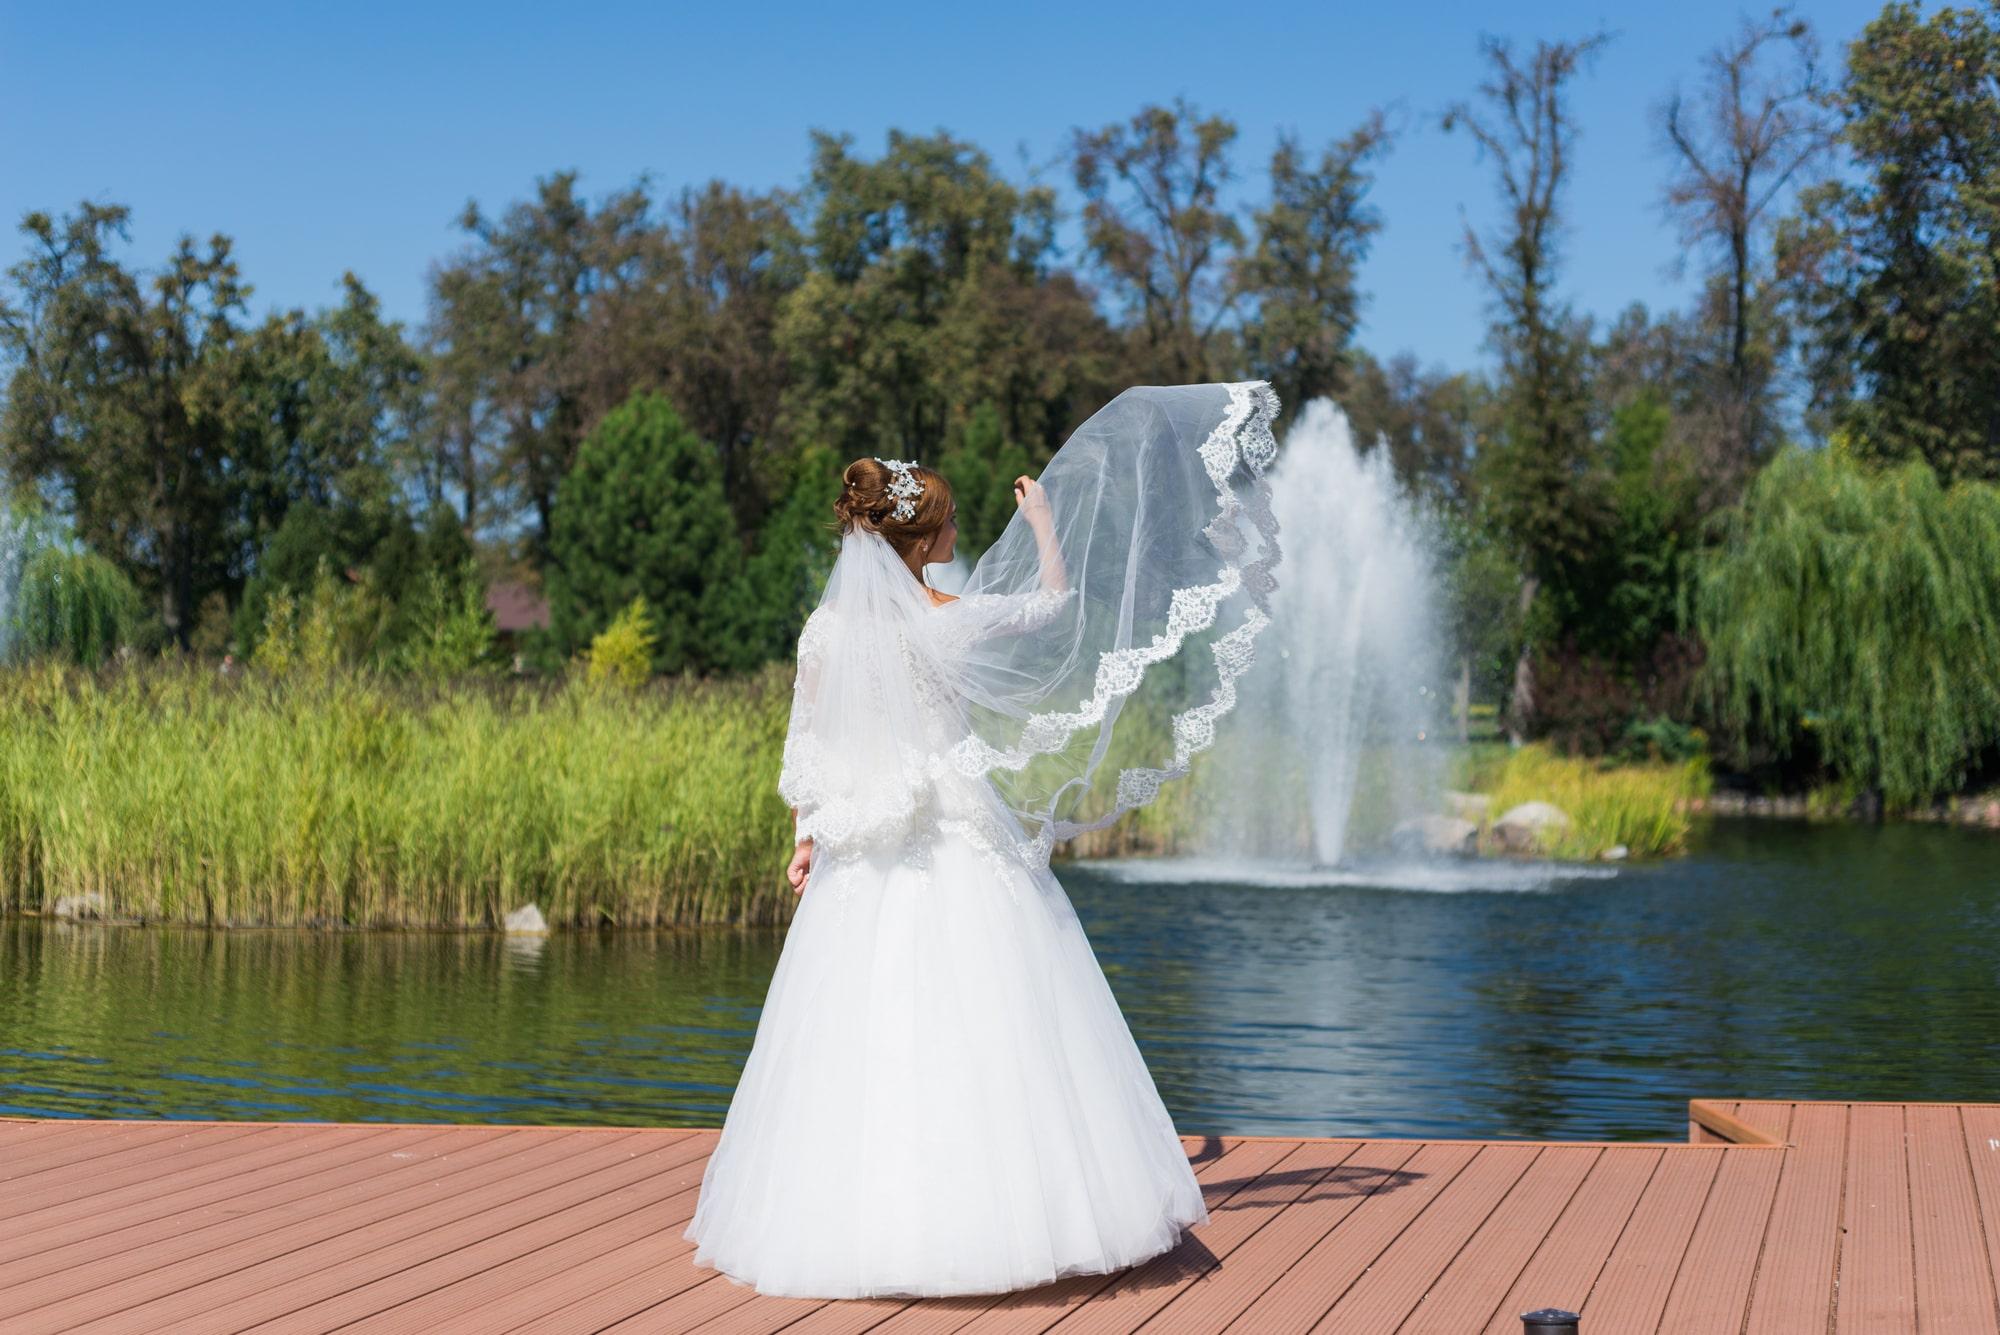 Свадебная фотосъемка в Межигорье - развевающаяся фата